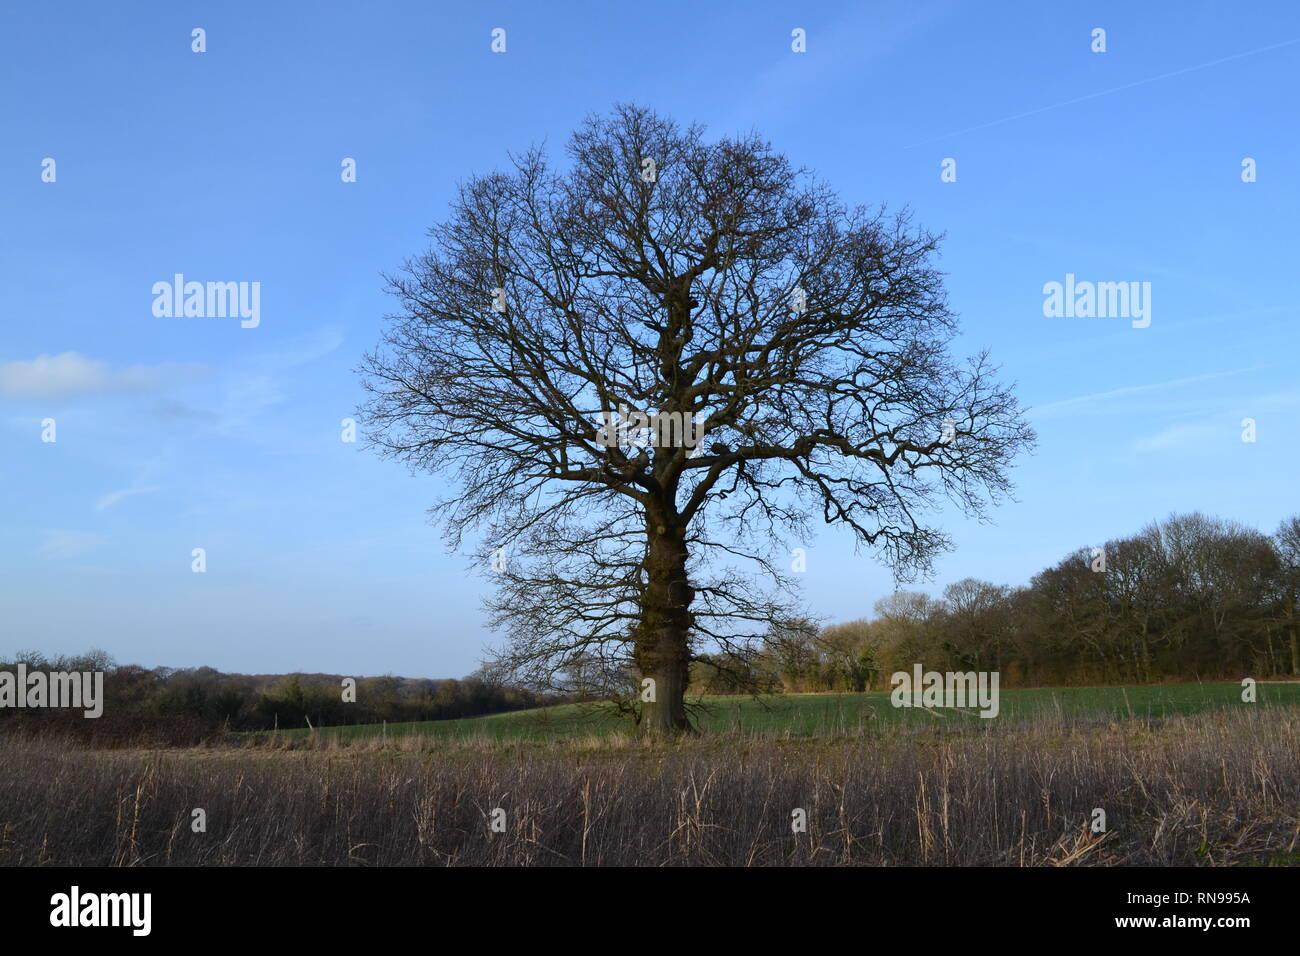 Solitary oak tree near Dunstall Farm, Shoreham, Kent, England, on a strangely warm February day, 2019. Many walkers enjoyed temp of 16-17C - Stock Image